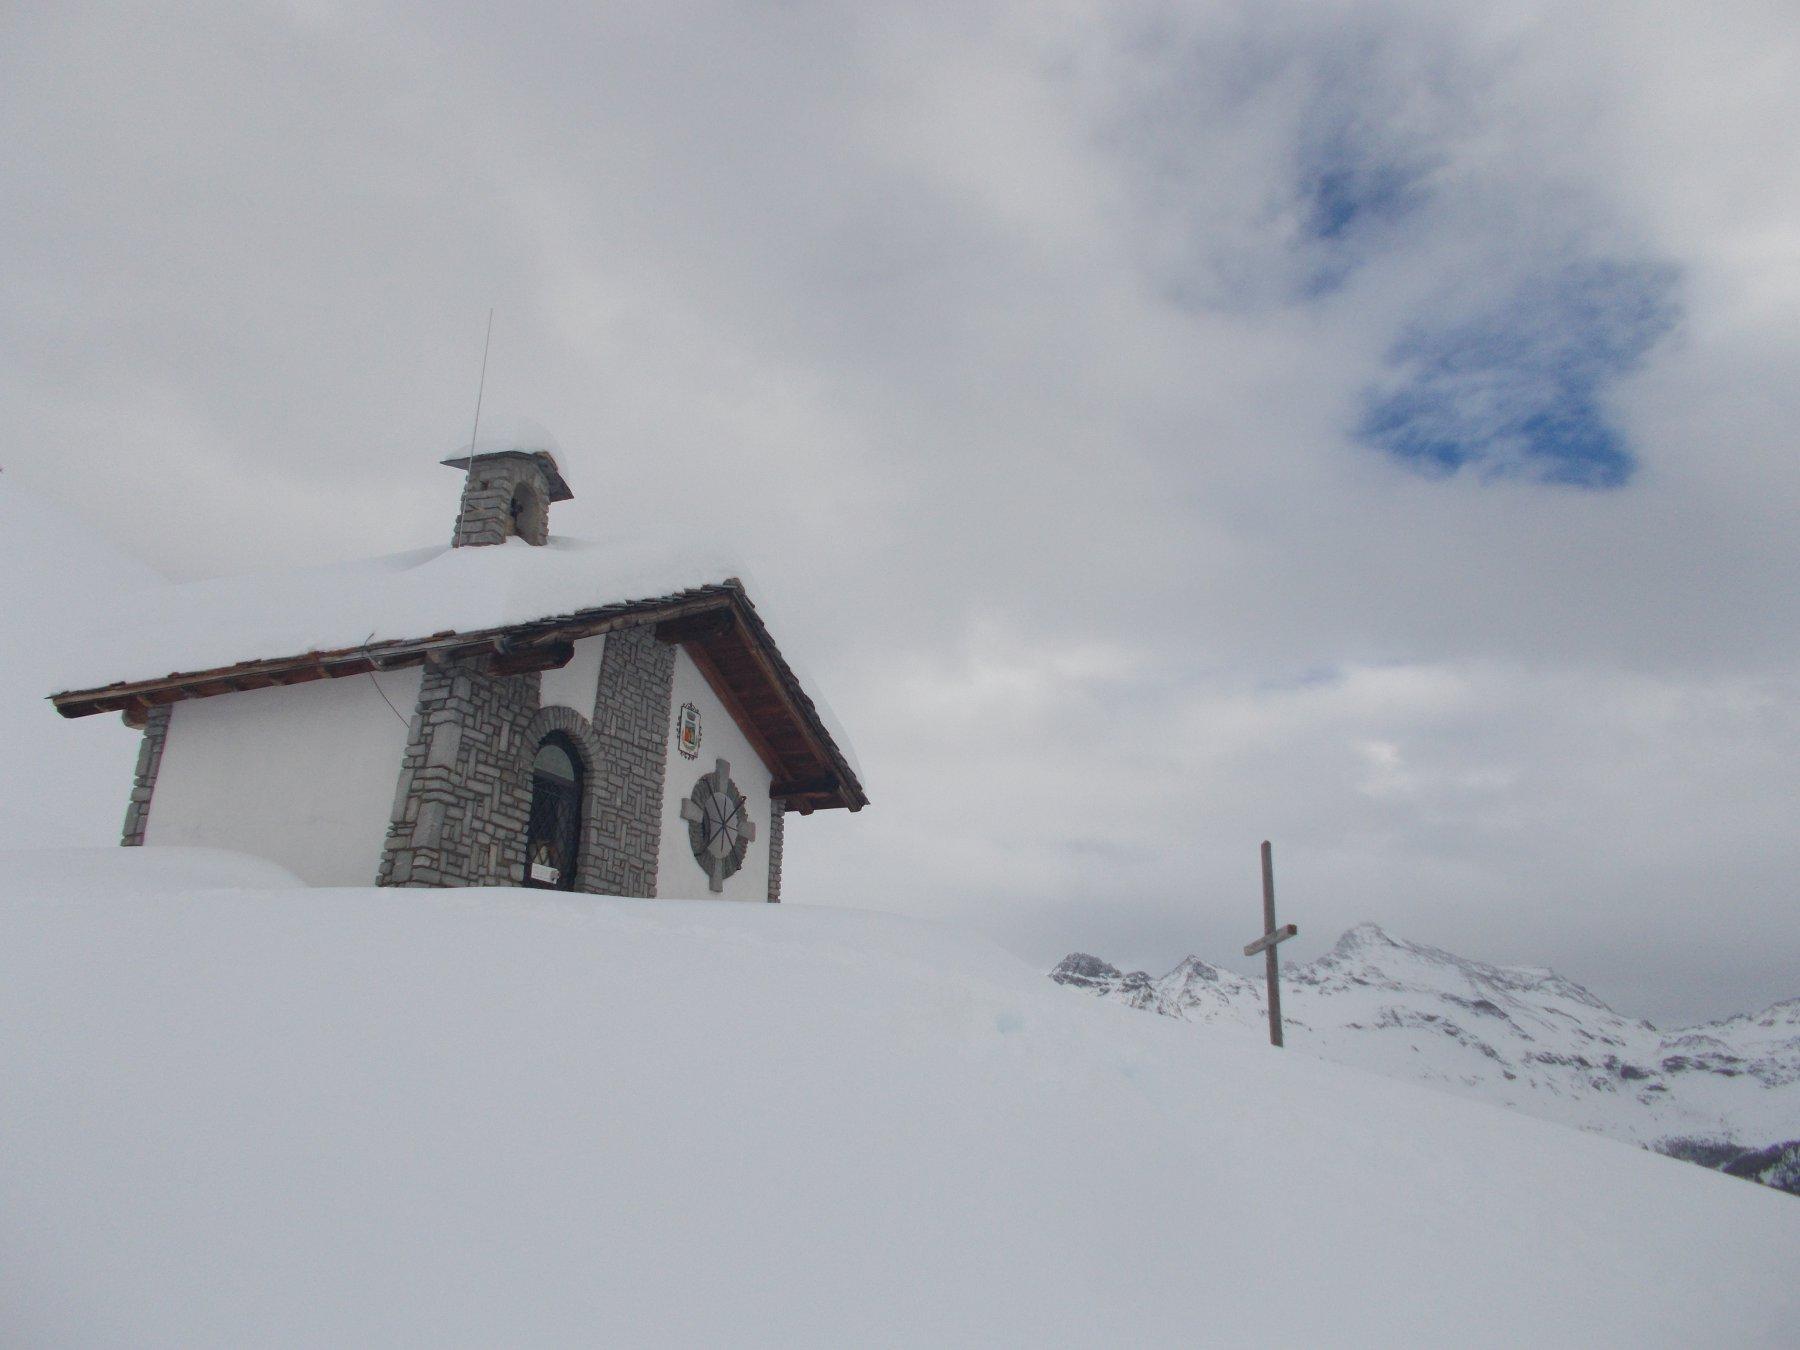 la chiesetta in posizione amena..risparmiata dalla valanga passatale a poche decine di metri ddistanza...